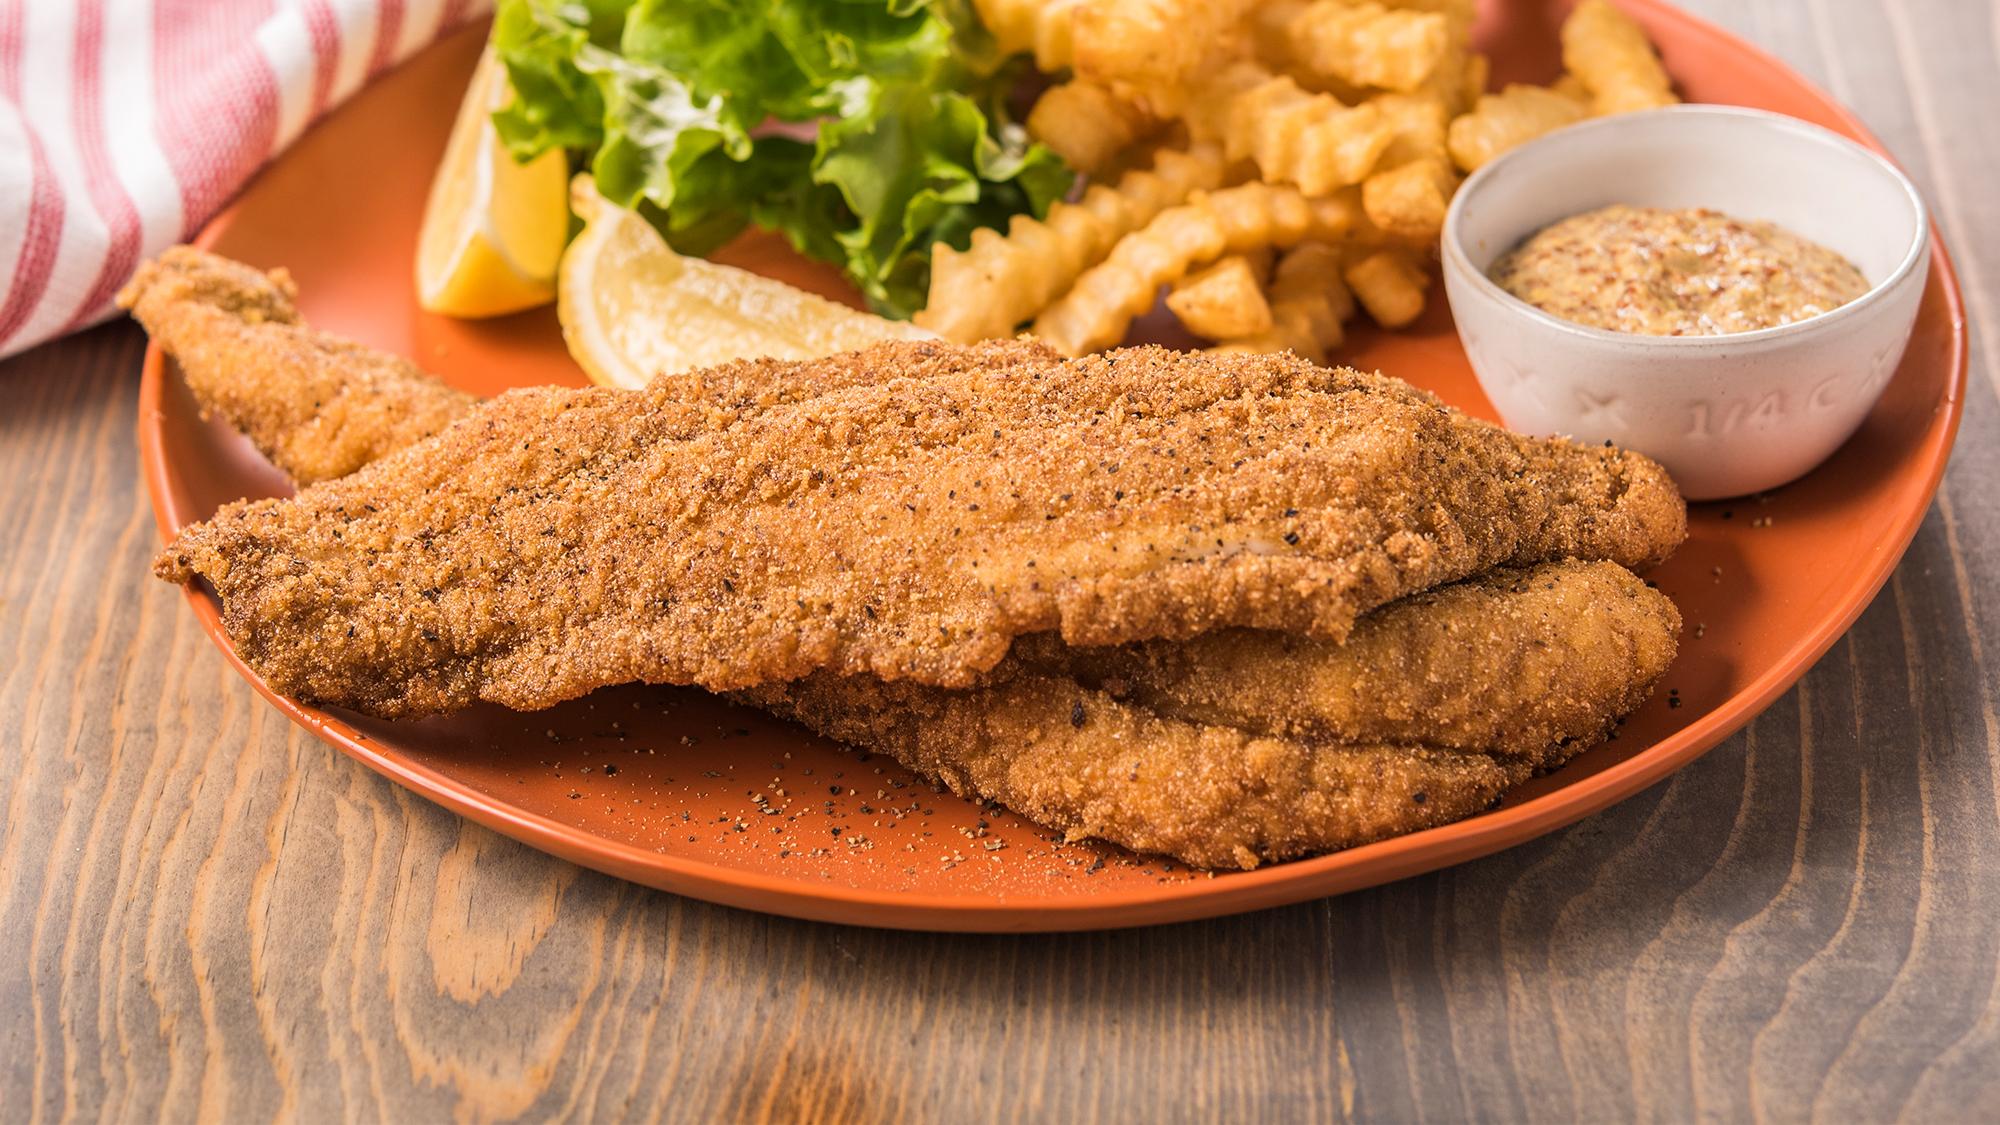 ZATARAIN'S Creole Mustard Battered Fish